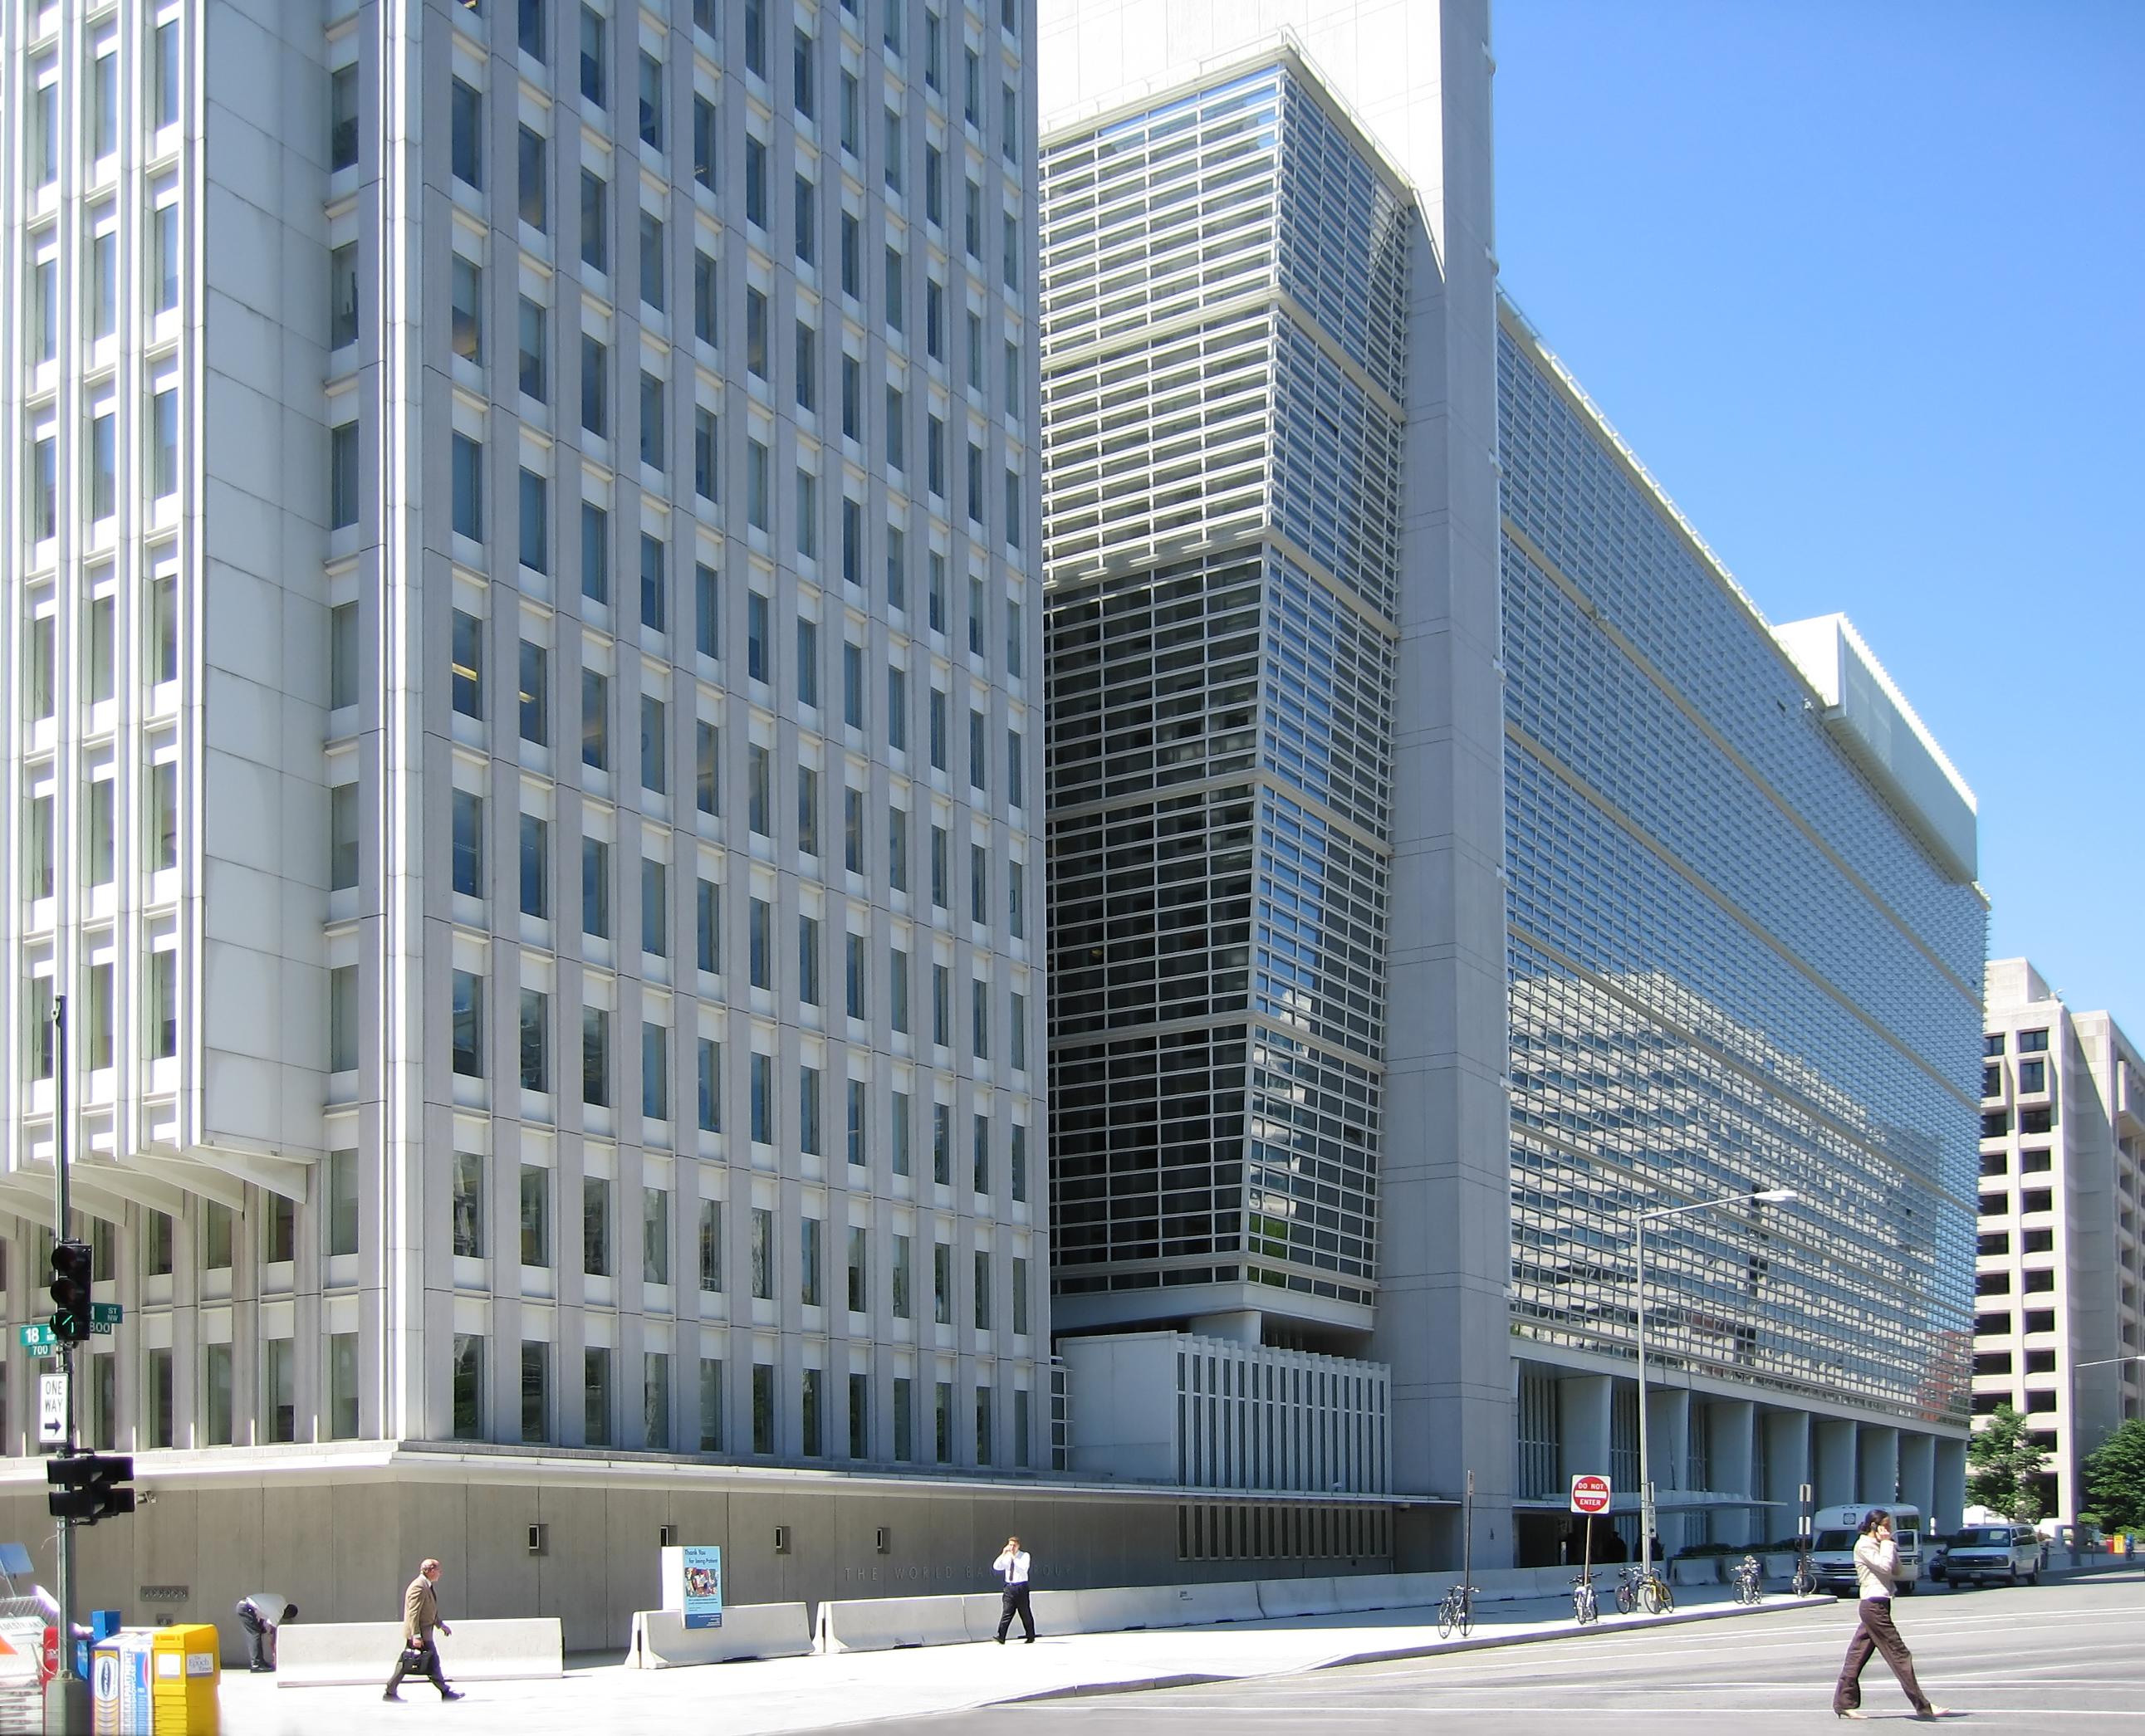 Consiliul de administraţie al Băncii Mondiale se întruneşte pentru a numi un nou preşedinte al băncii